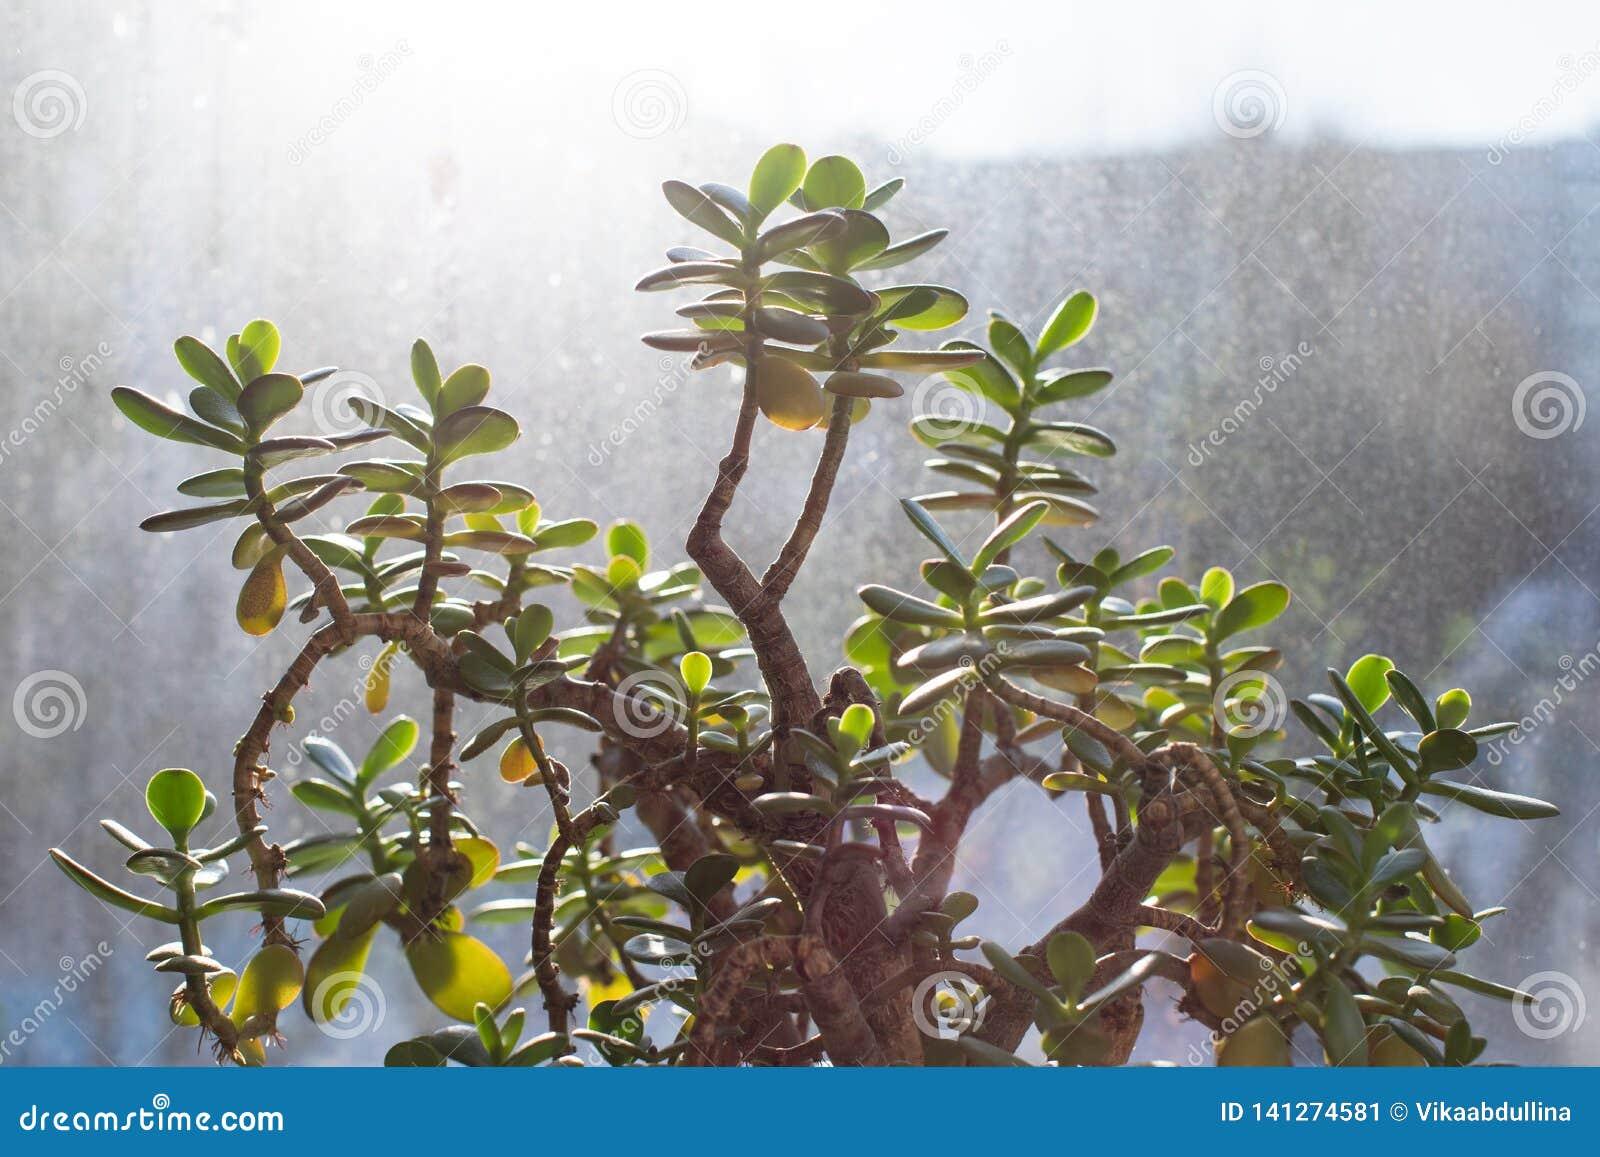 Saftig - Crassula ovata Jadeanlage, Geldanlage mit Fensterhintergrund